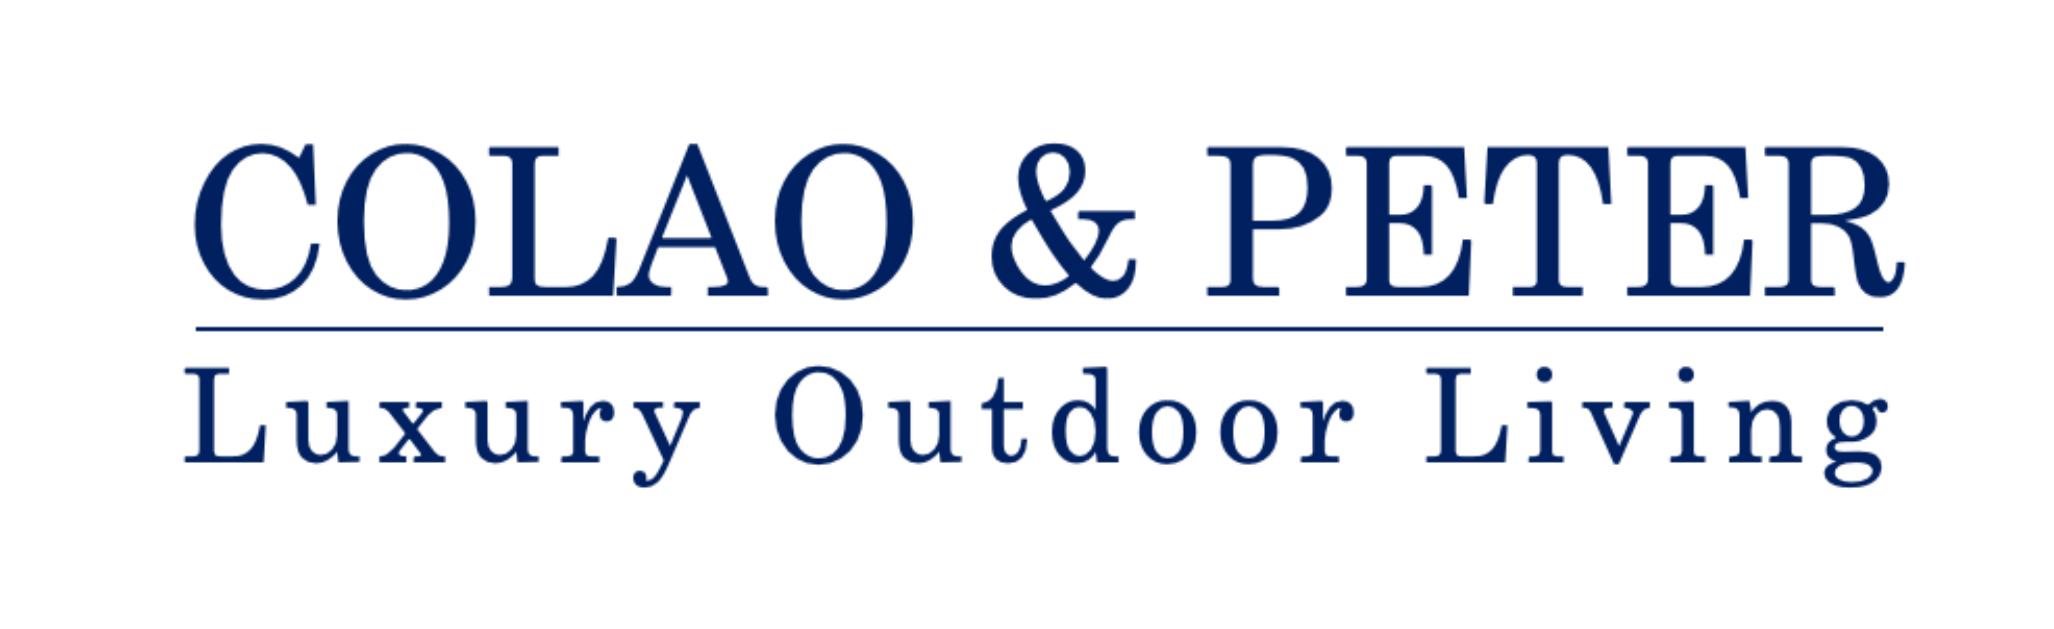 Colao & Peter Logo